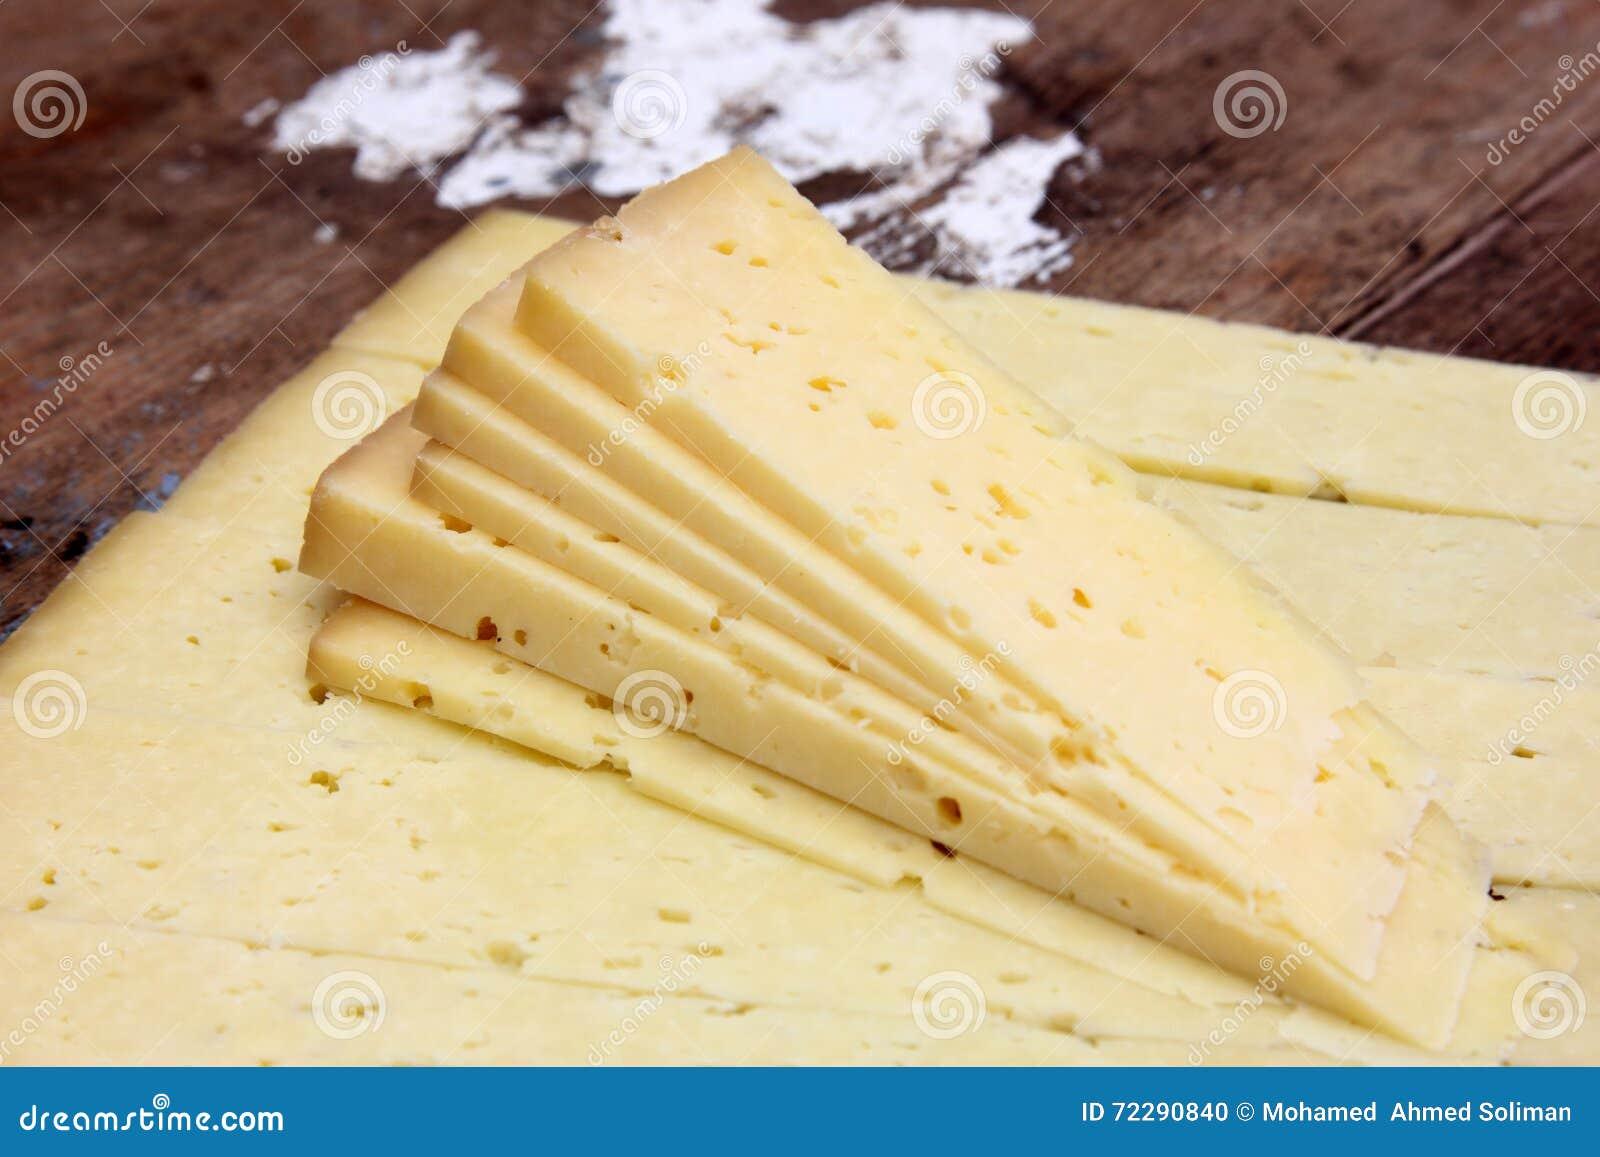 Download Сыр Турции или roumy сыр стоковое фото. изображение насчитывающей египетско - 72290840